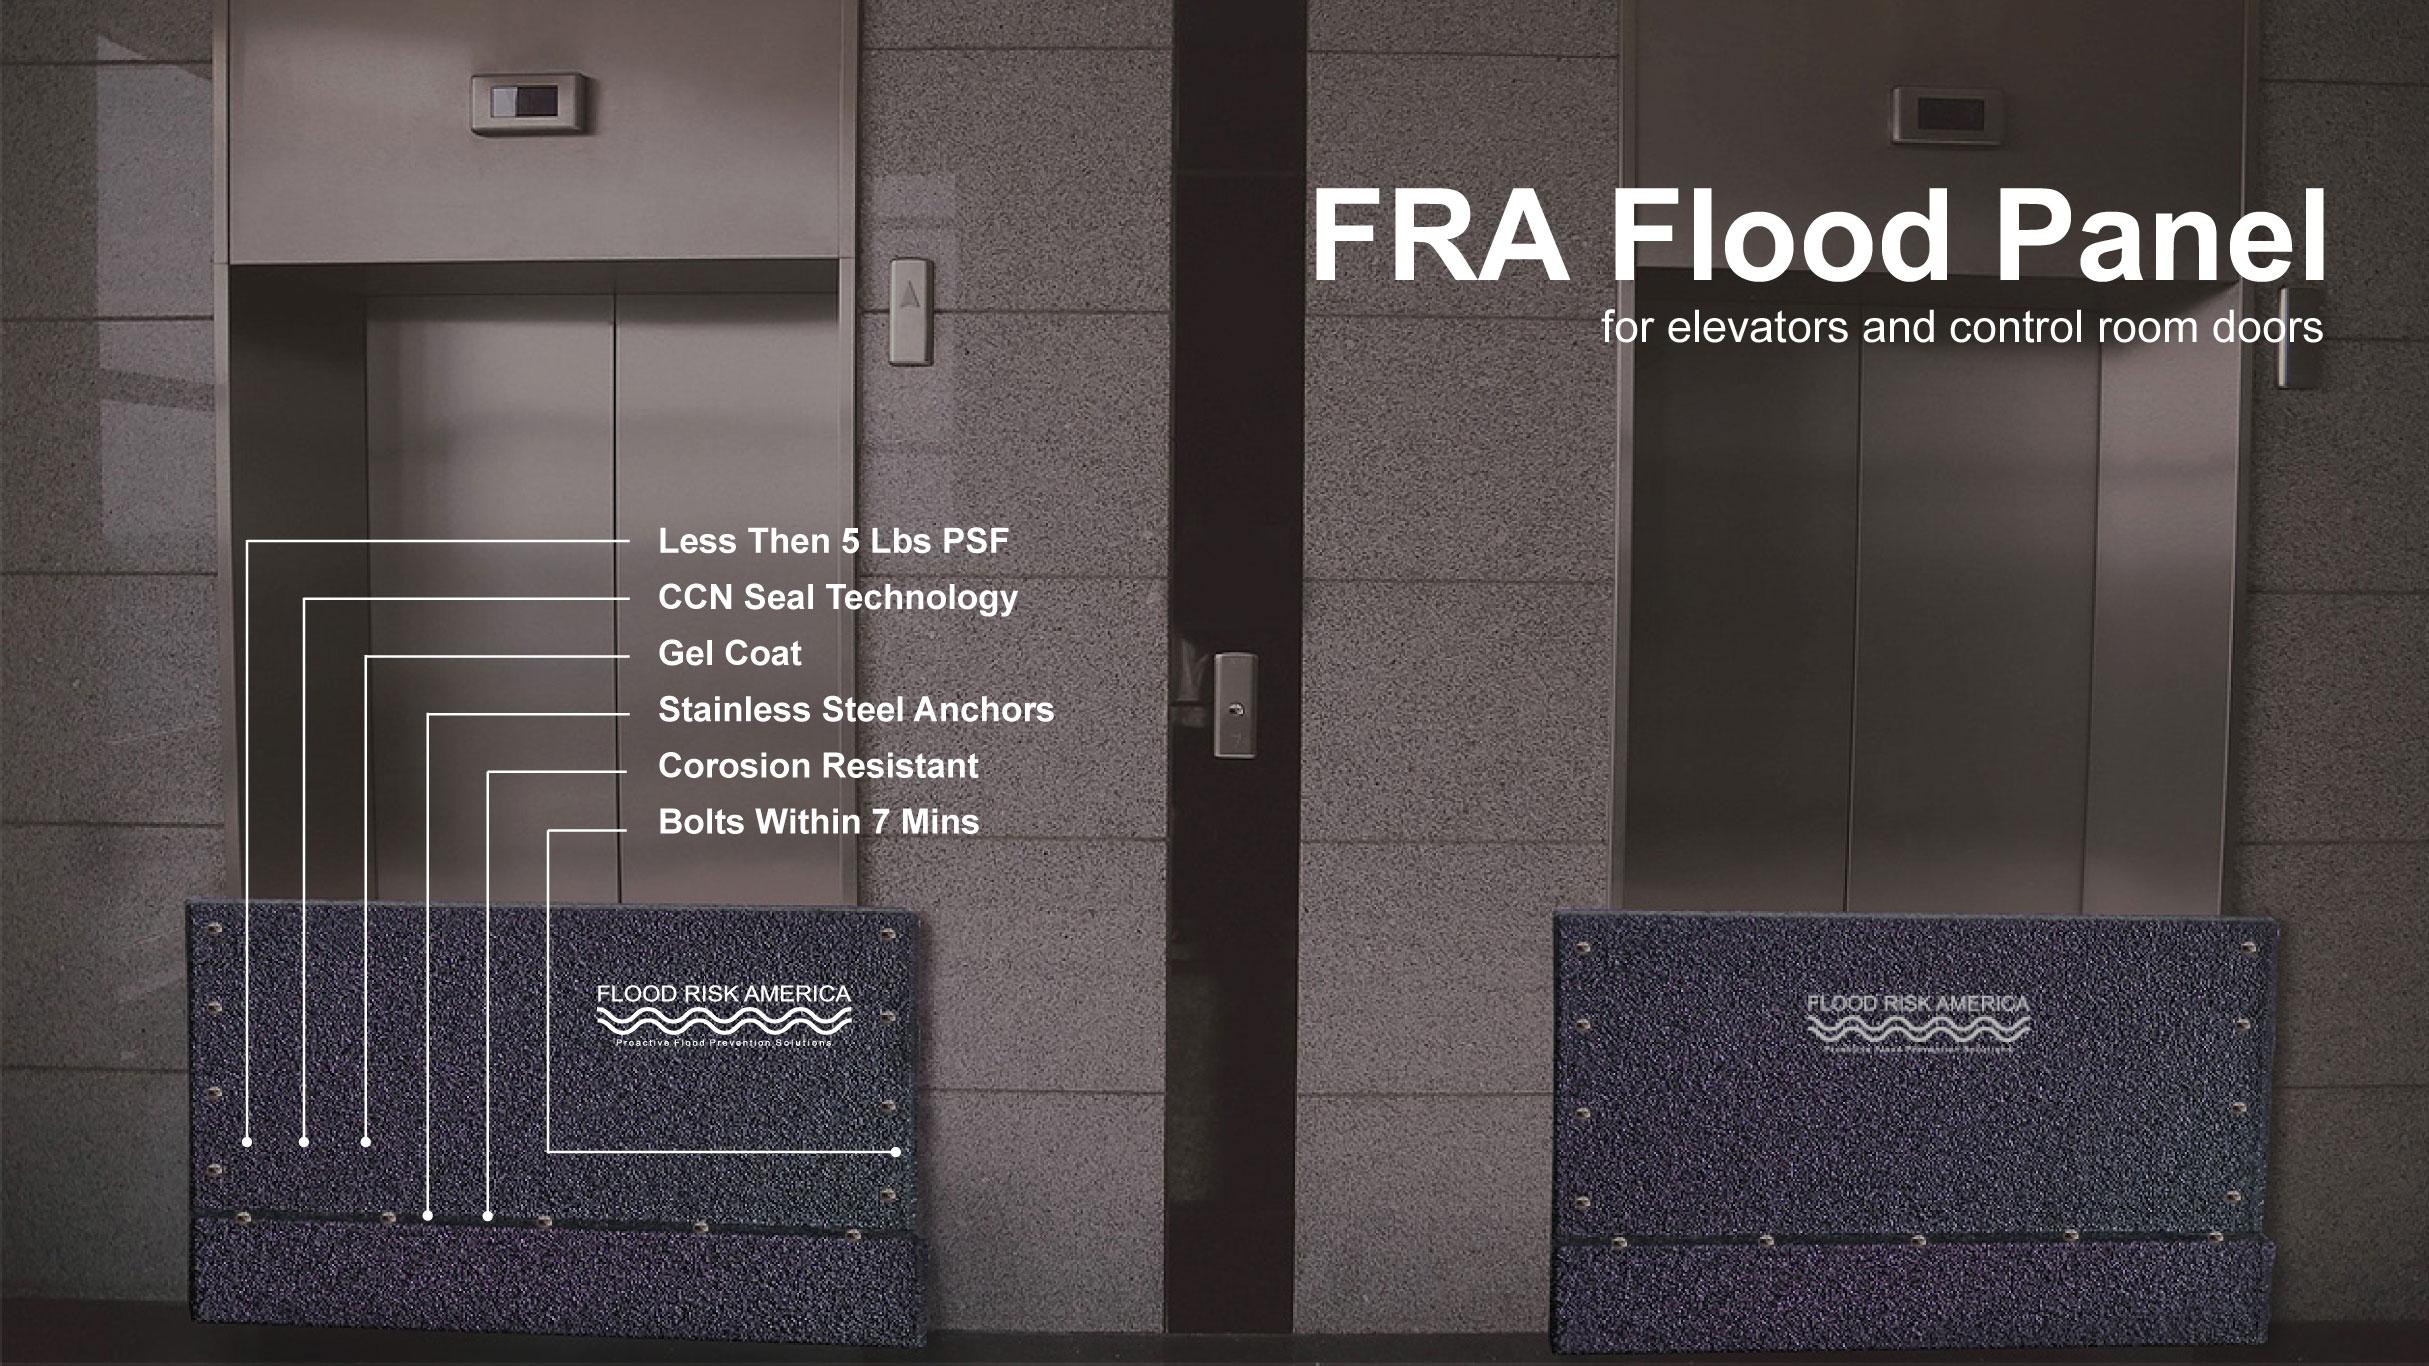 FRA-Flood-Panel-web-main-H.jpg